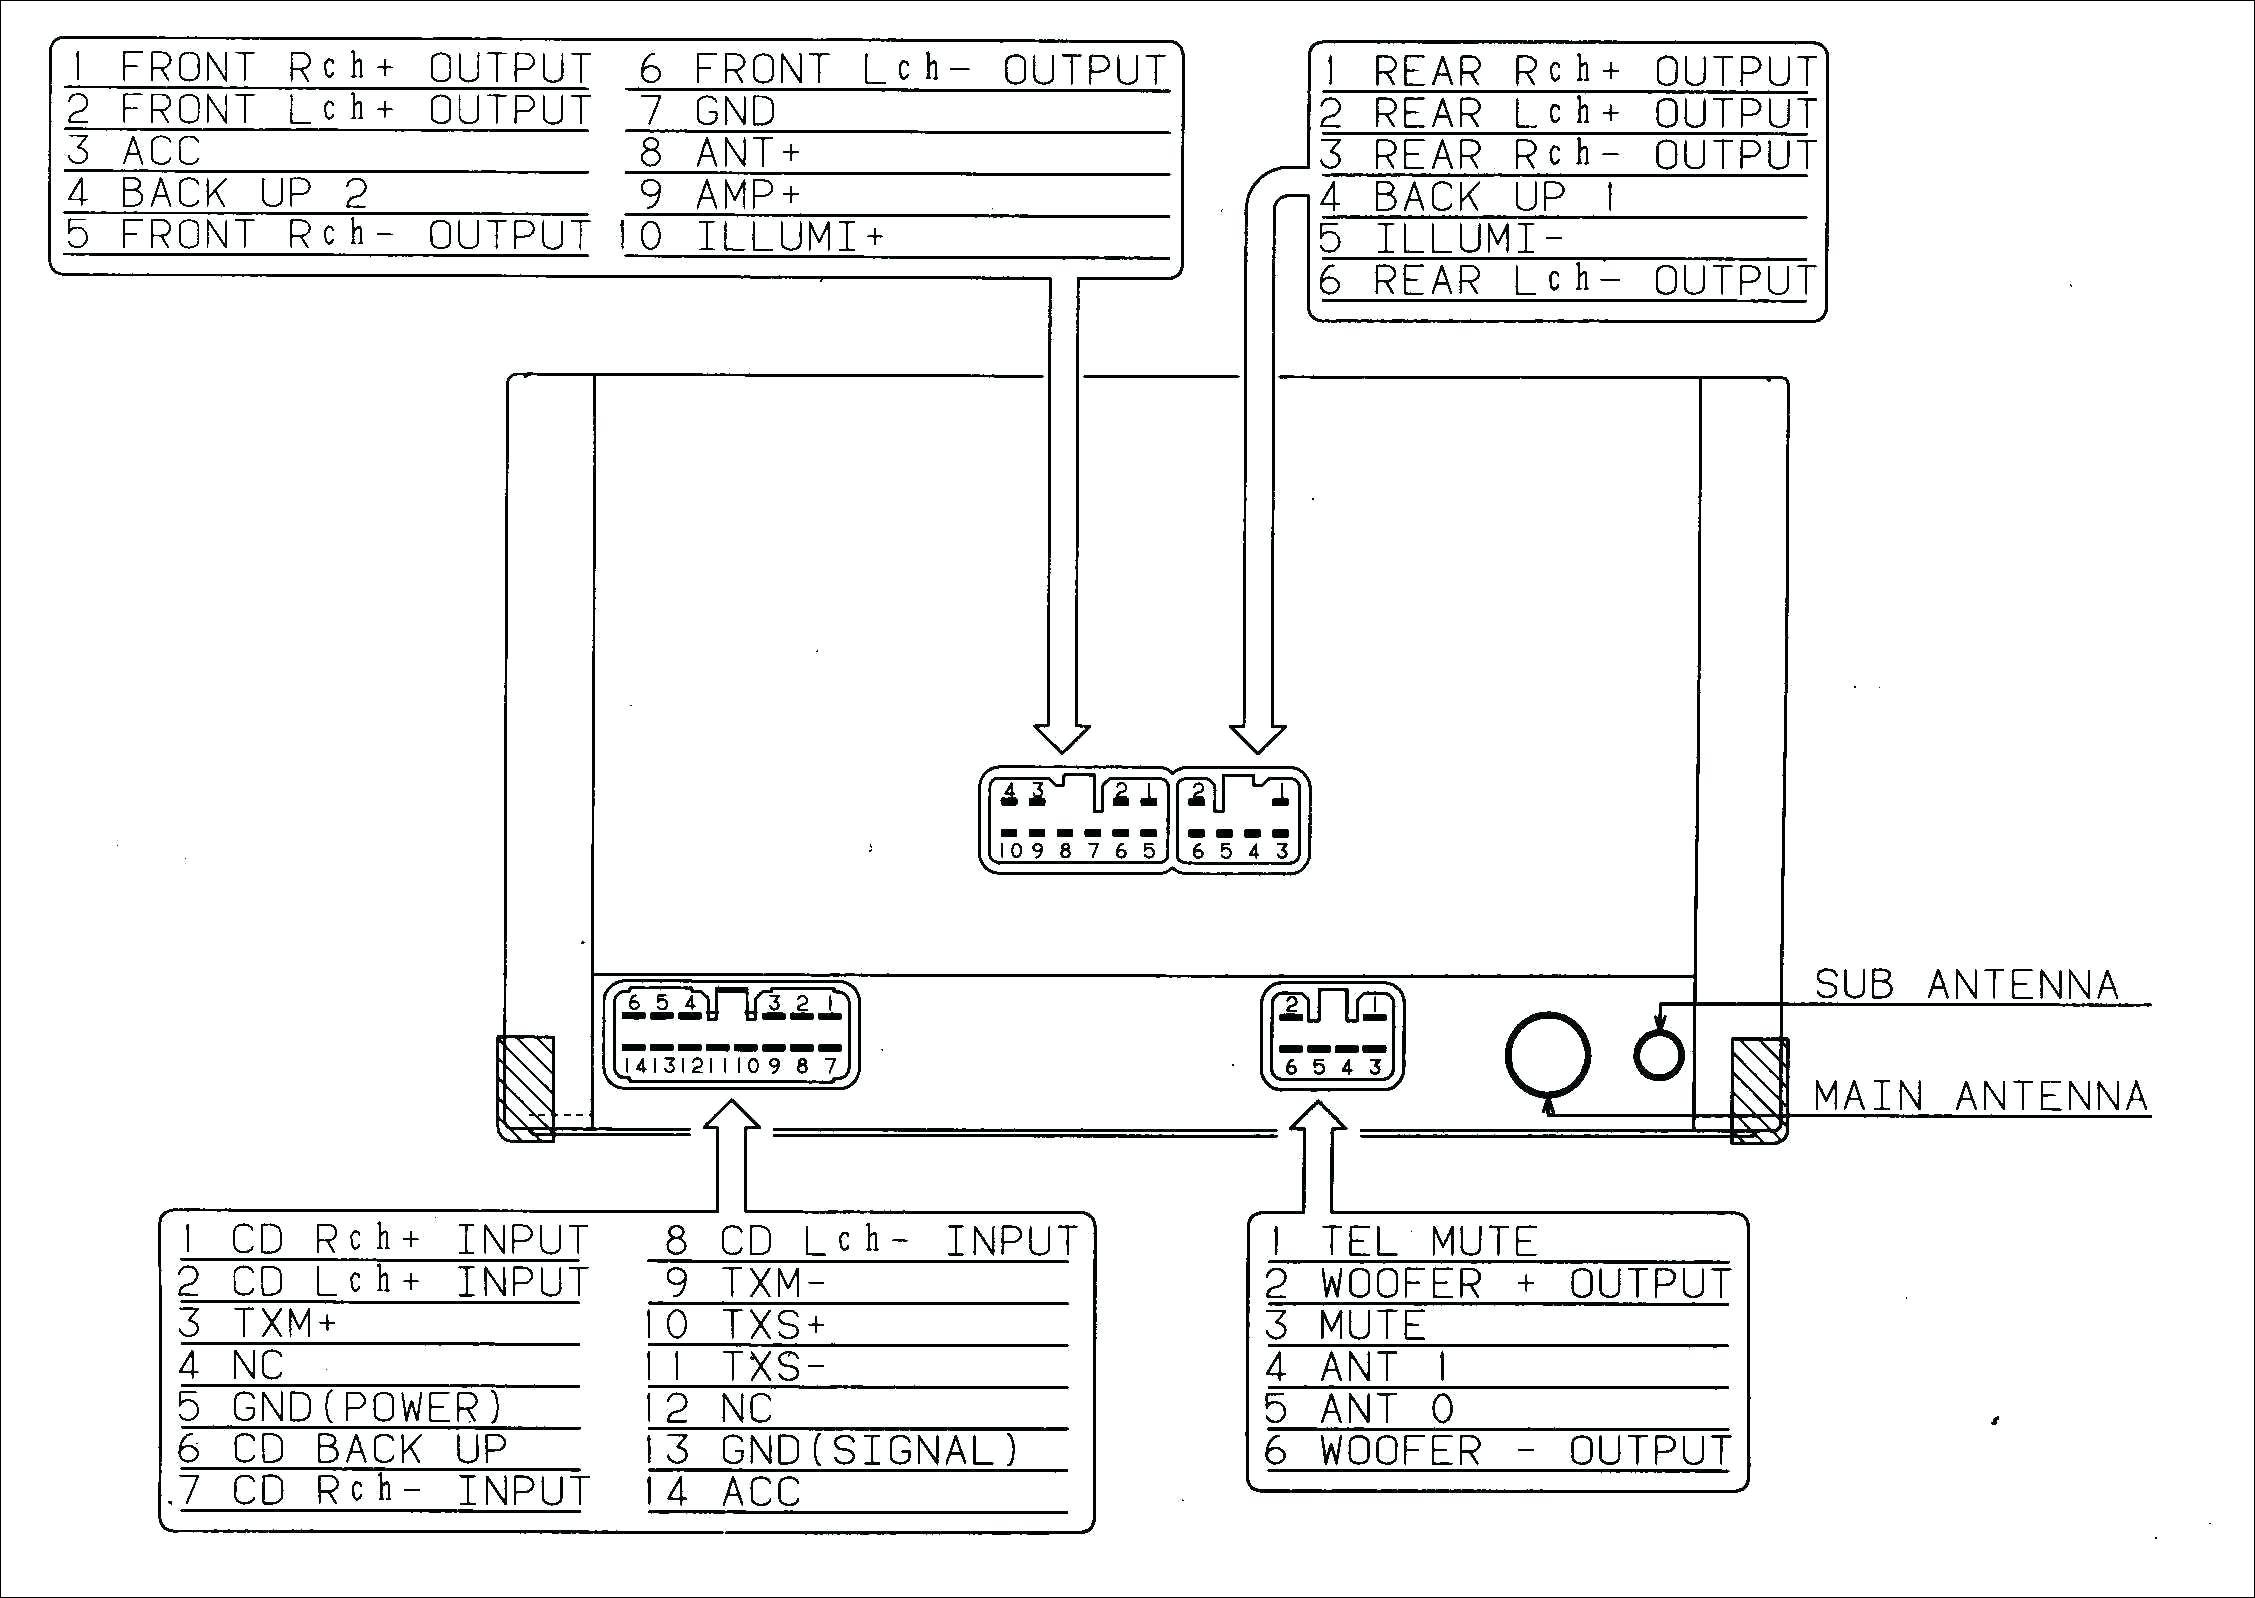 Pioneer Avh 270Bt Wiring Diagram Pioneer Avh-X4700Bs Wiring Diagram - Pioneer Avh 270Bt Wiring Diagram